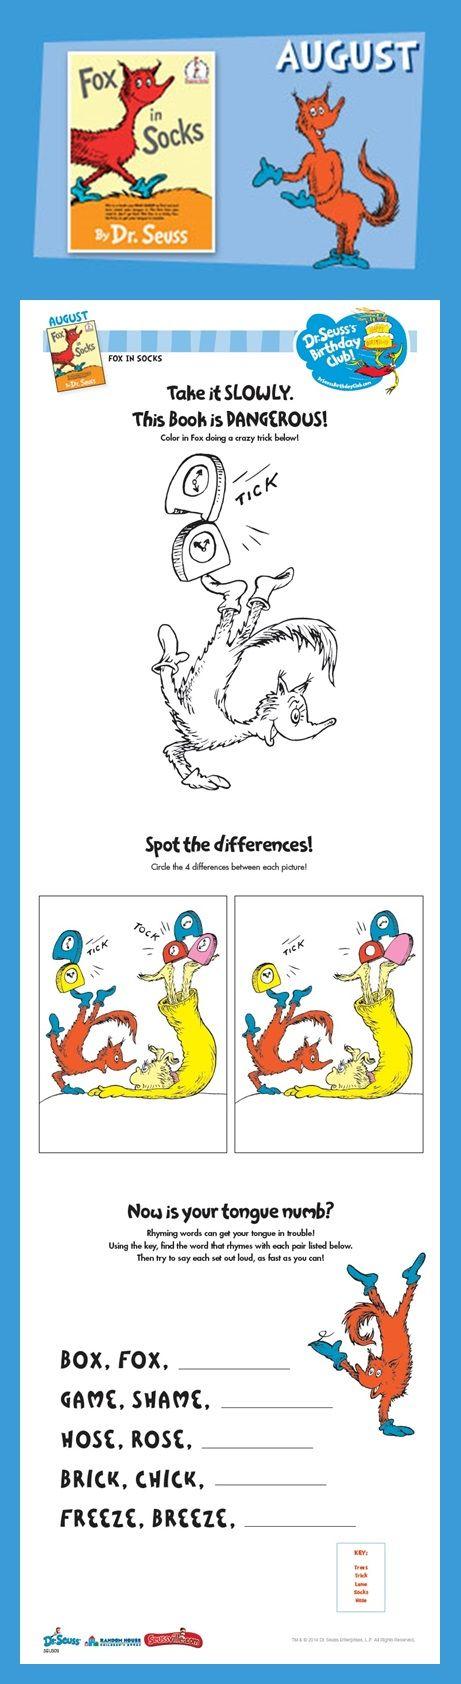 Ausgezeichnet Dr Seuss Farbseiten Ideen - Malvorlagen Online ...